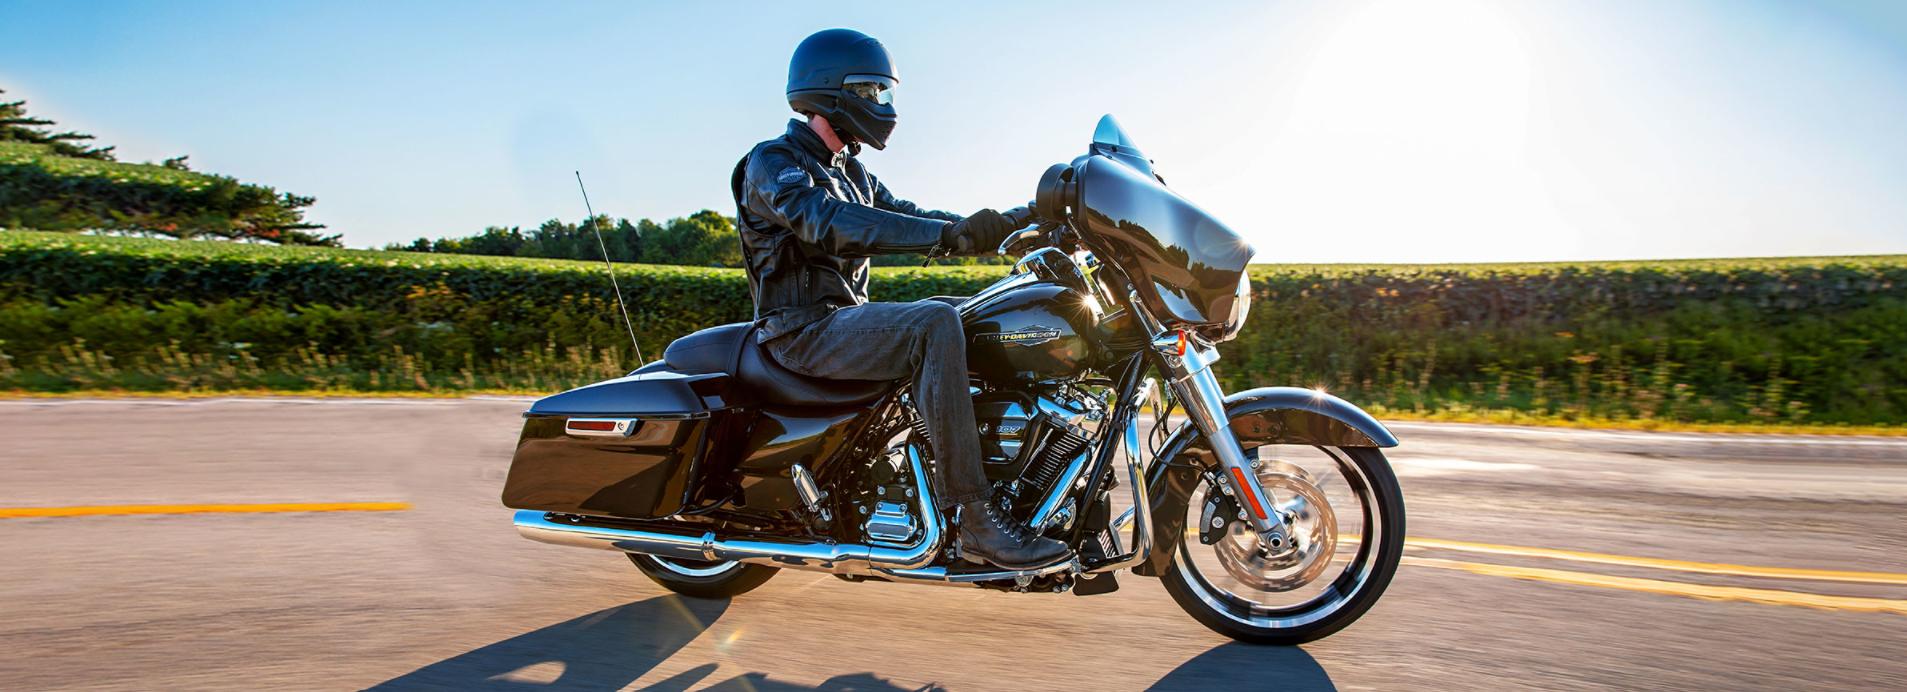 New Harley Davidson Street Glide